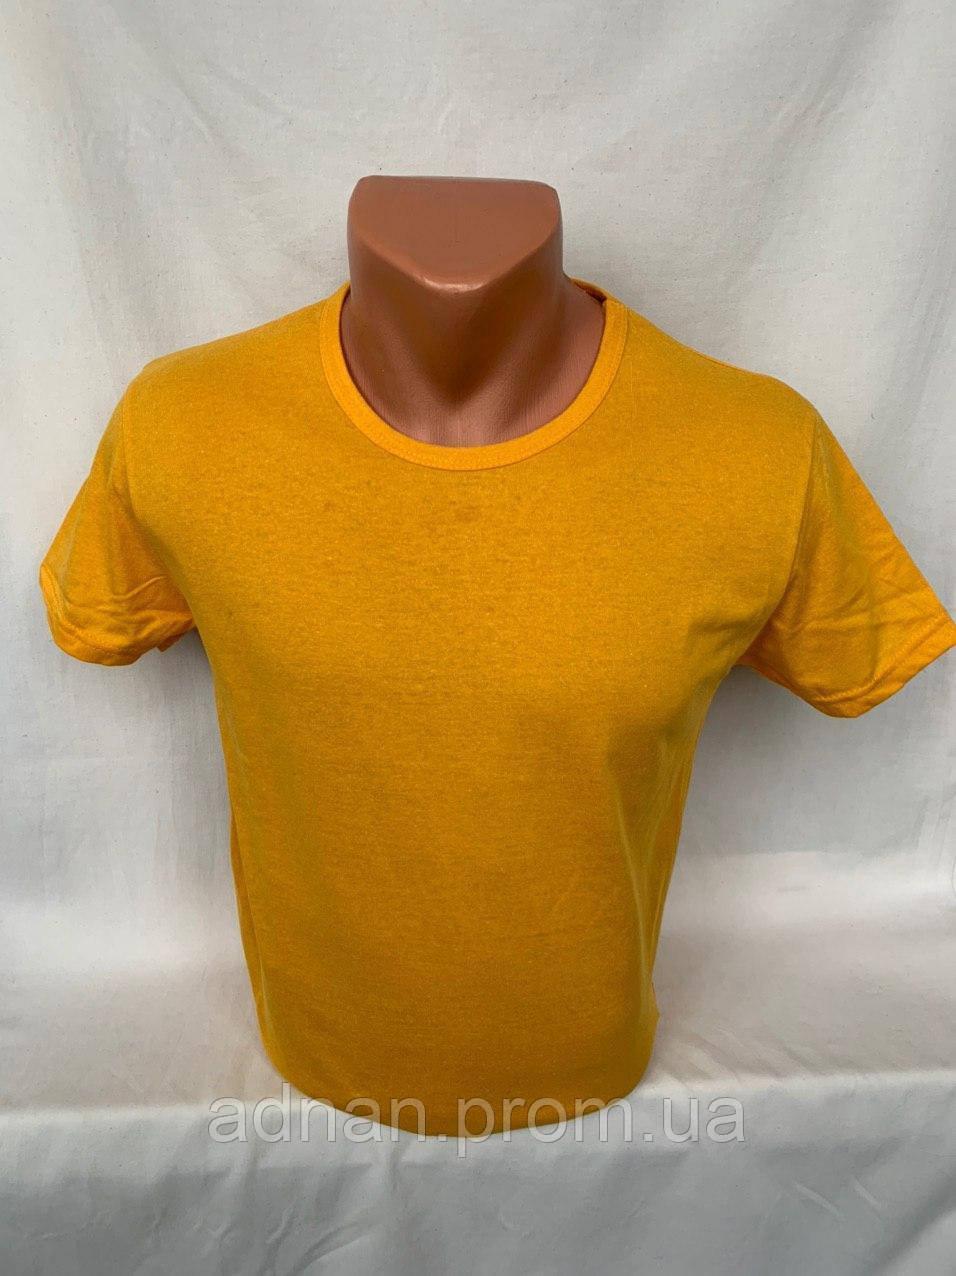 Футболка мужская KLAS 23, х/б однотонная 010 \ купить футболку мужскую оптом